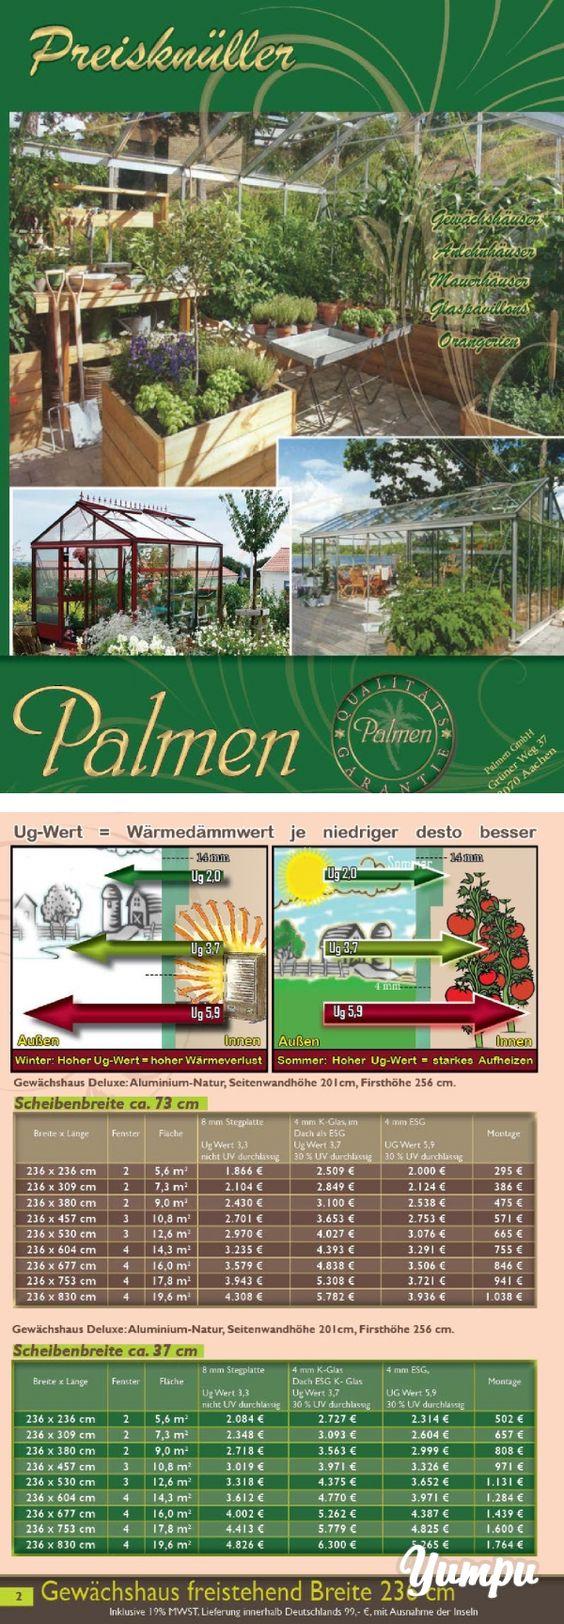 Gewächshaus Preisknüller 2014 / 2015 Palmen-GmbH Aachen.pdf-Gewächshäuser, Anlehnhäuser, Mauerhäuser, Orangerien, Anbauorangerien, Glaspavillons